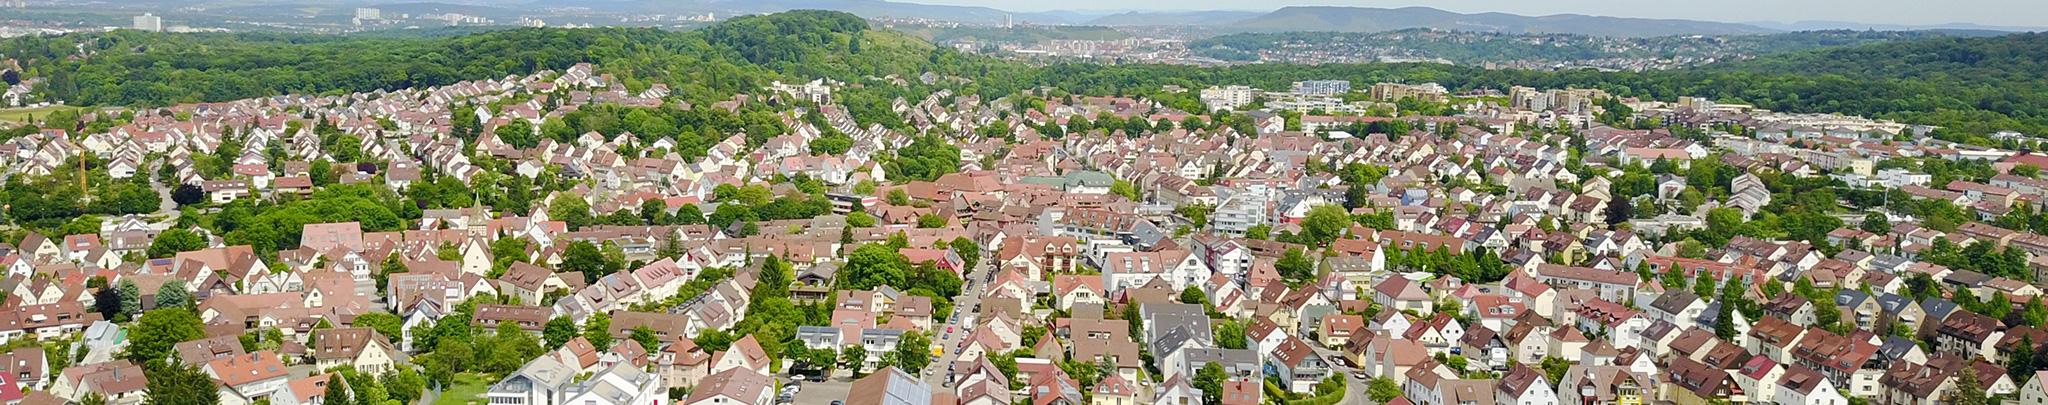 Luftbild Weilimdorf. Foto © Hans-Martin Goede